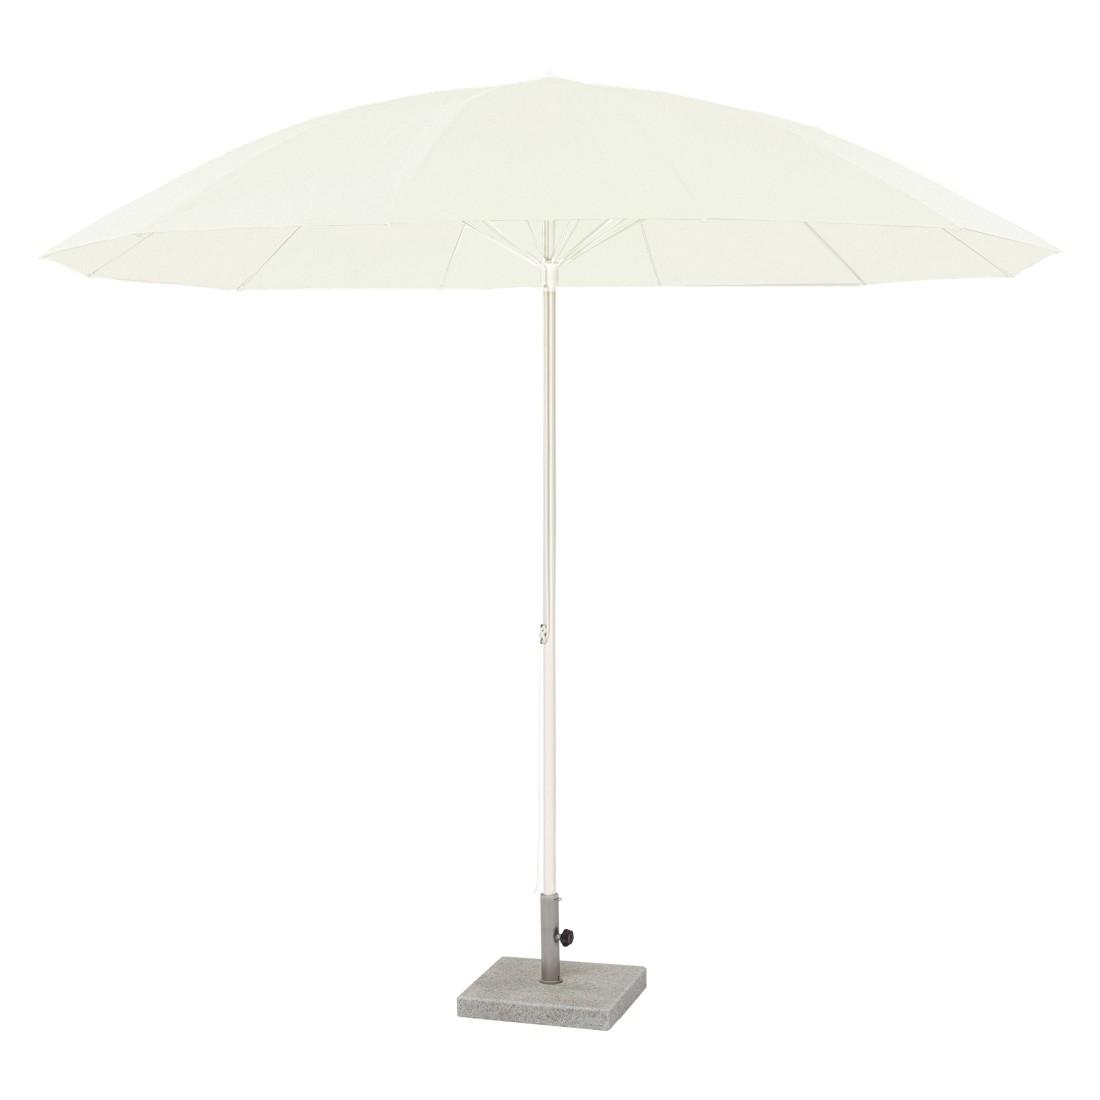 Sonnenschirm Pagodenschirm mit Knickgelenk - Aluminium Natur, Weishäupl Werkstätten